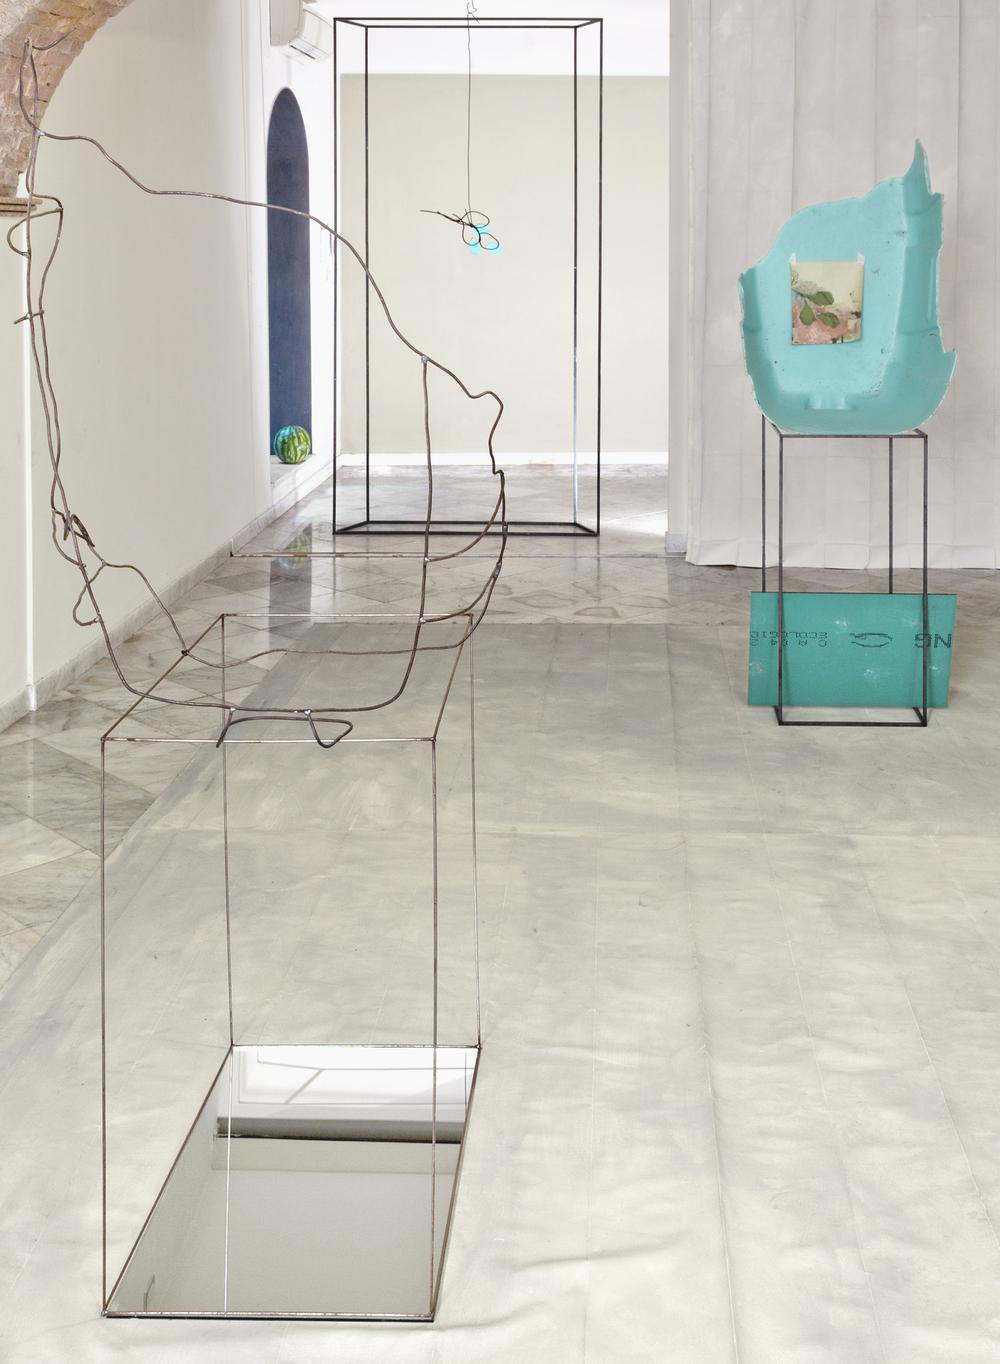 Nulla due volte  2015 Tela dipinta, ferro, specchi, dipinto di Elena Carozzi, tappetino, sabbia, anguria. Dimensioni ambientali.Foto Nabe